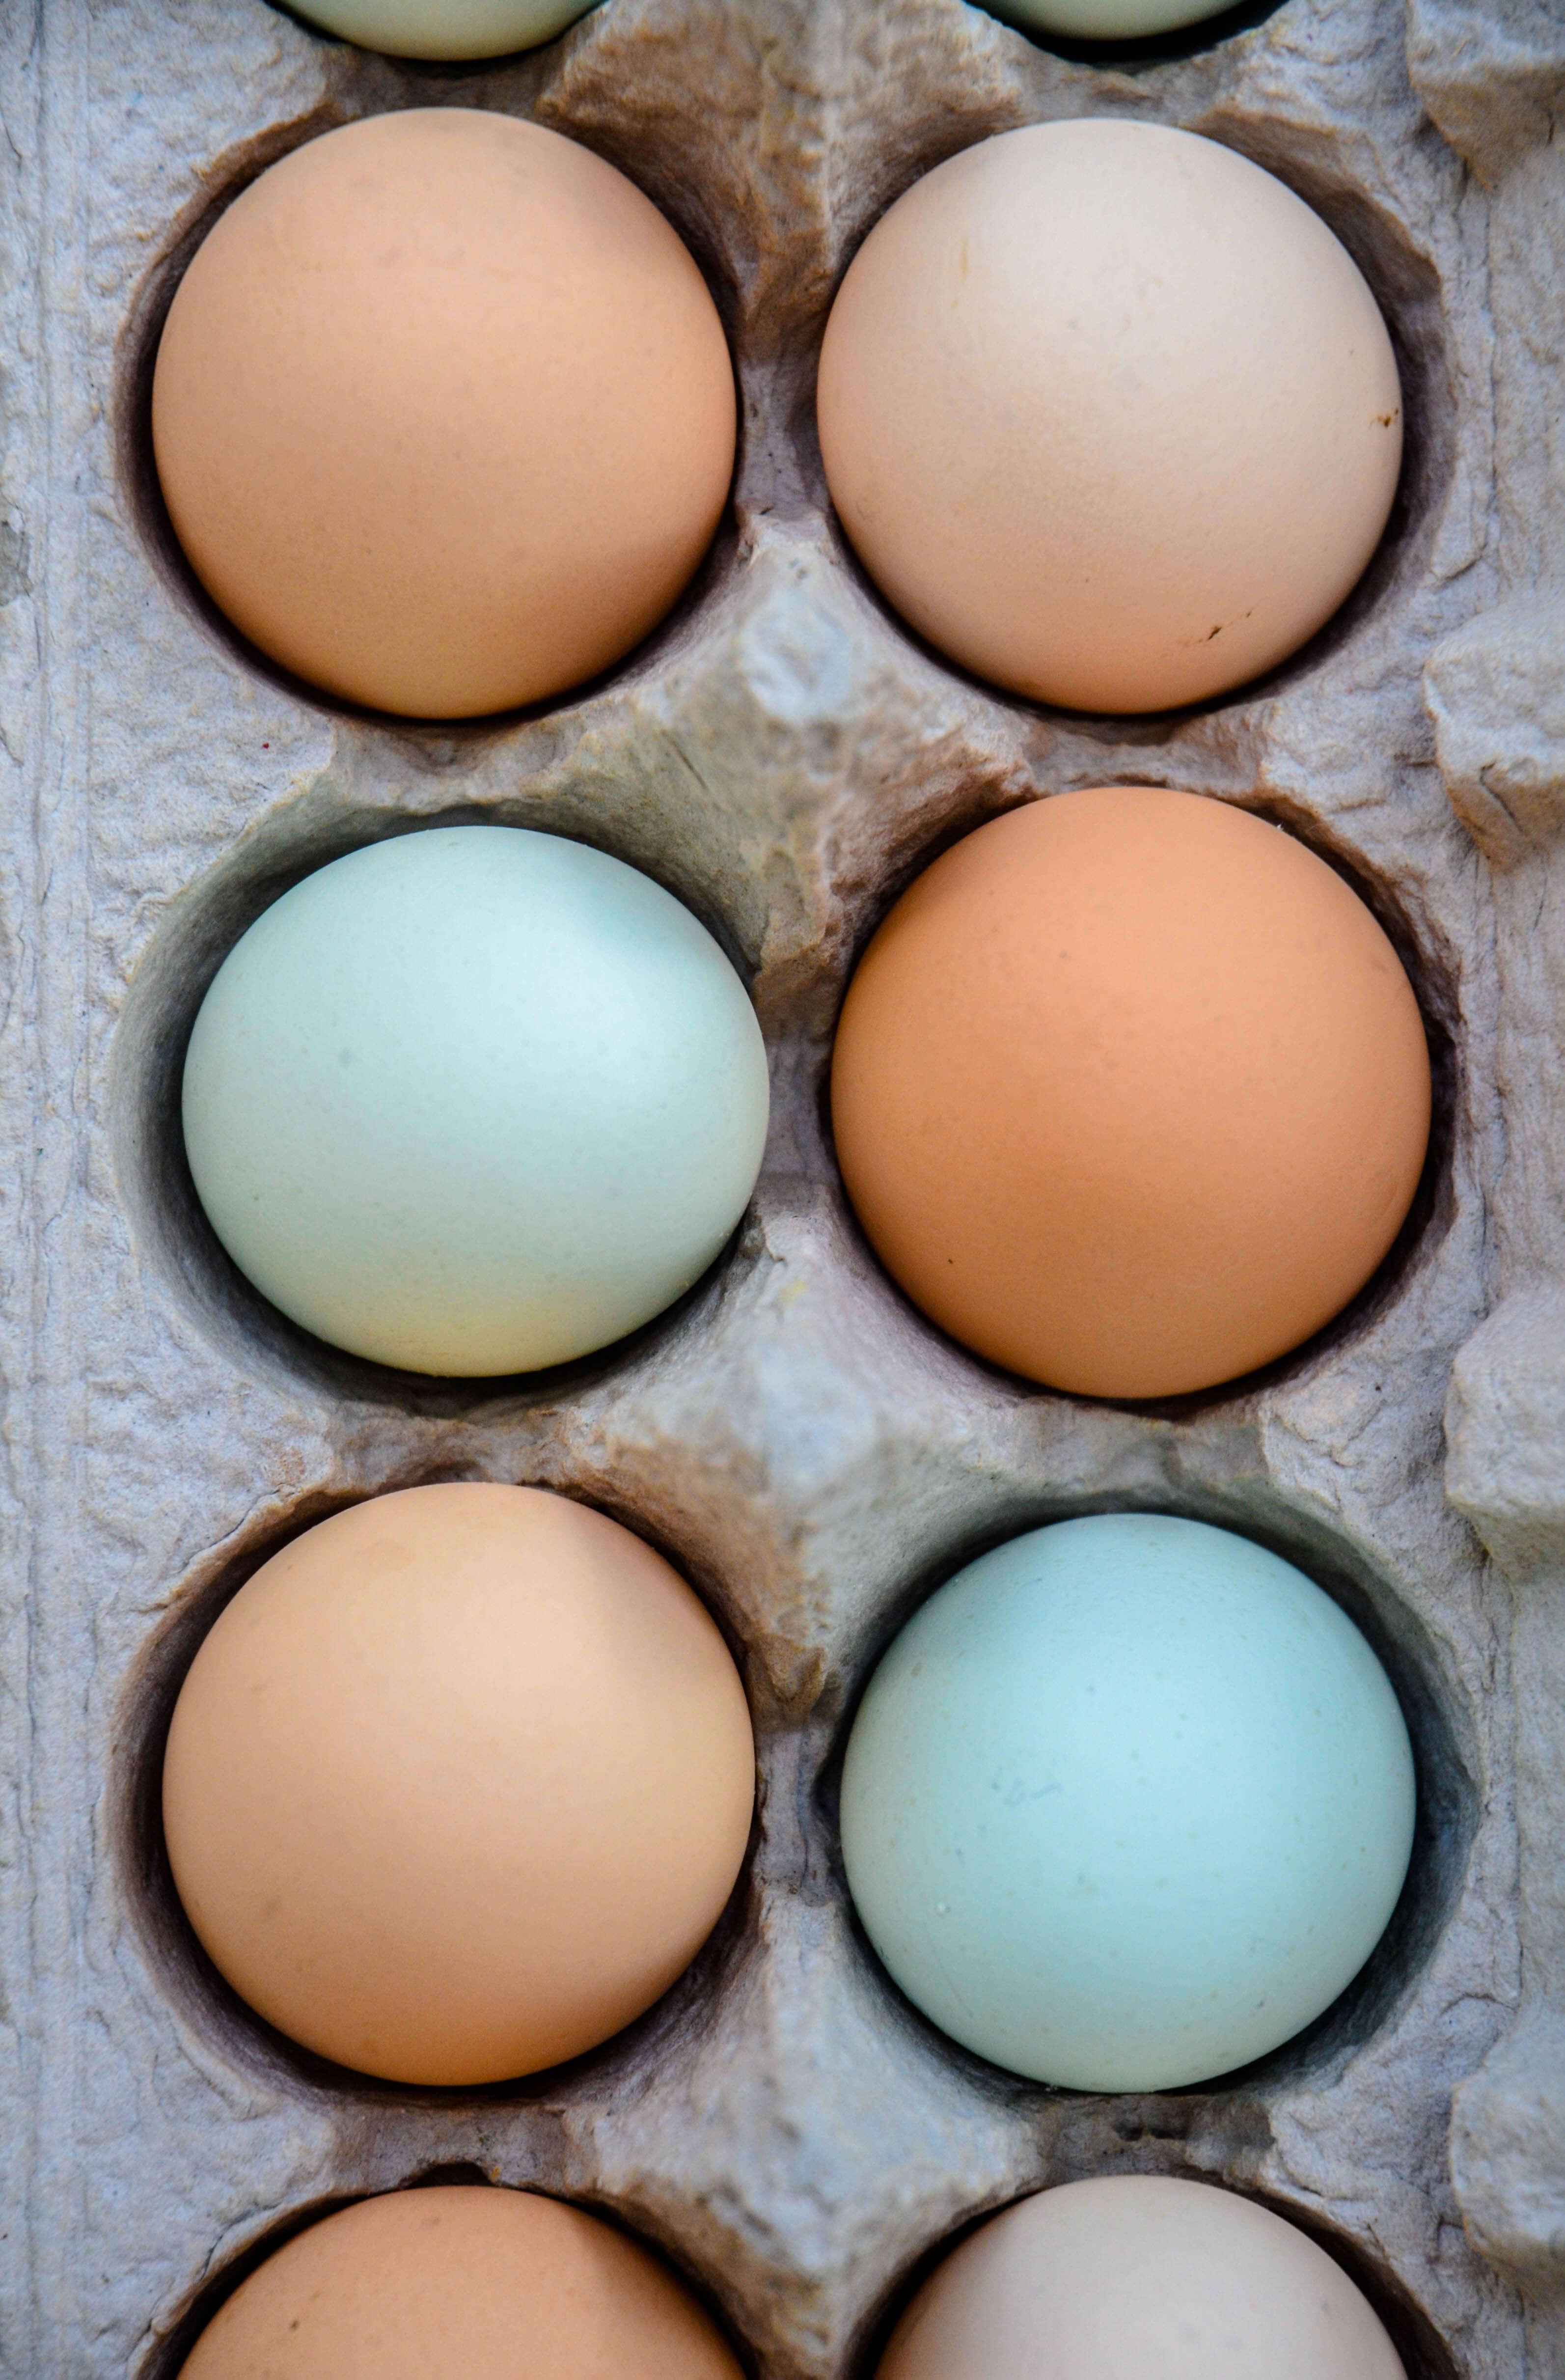 Zephyr's Farm Fresh Eggs